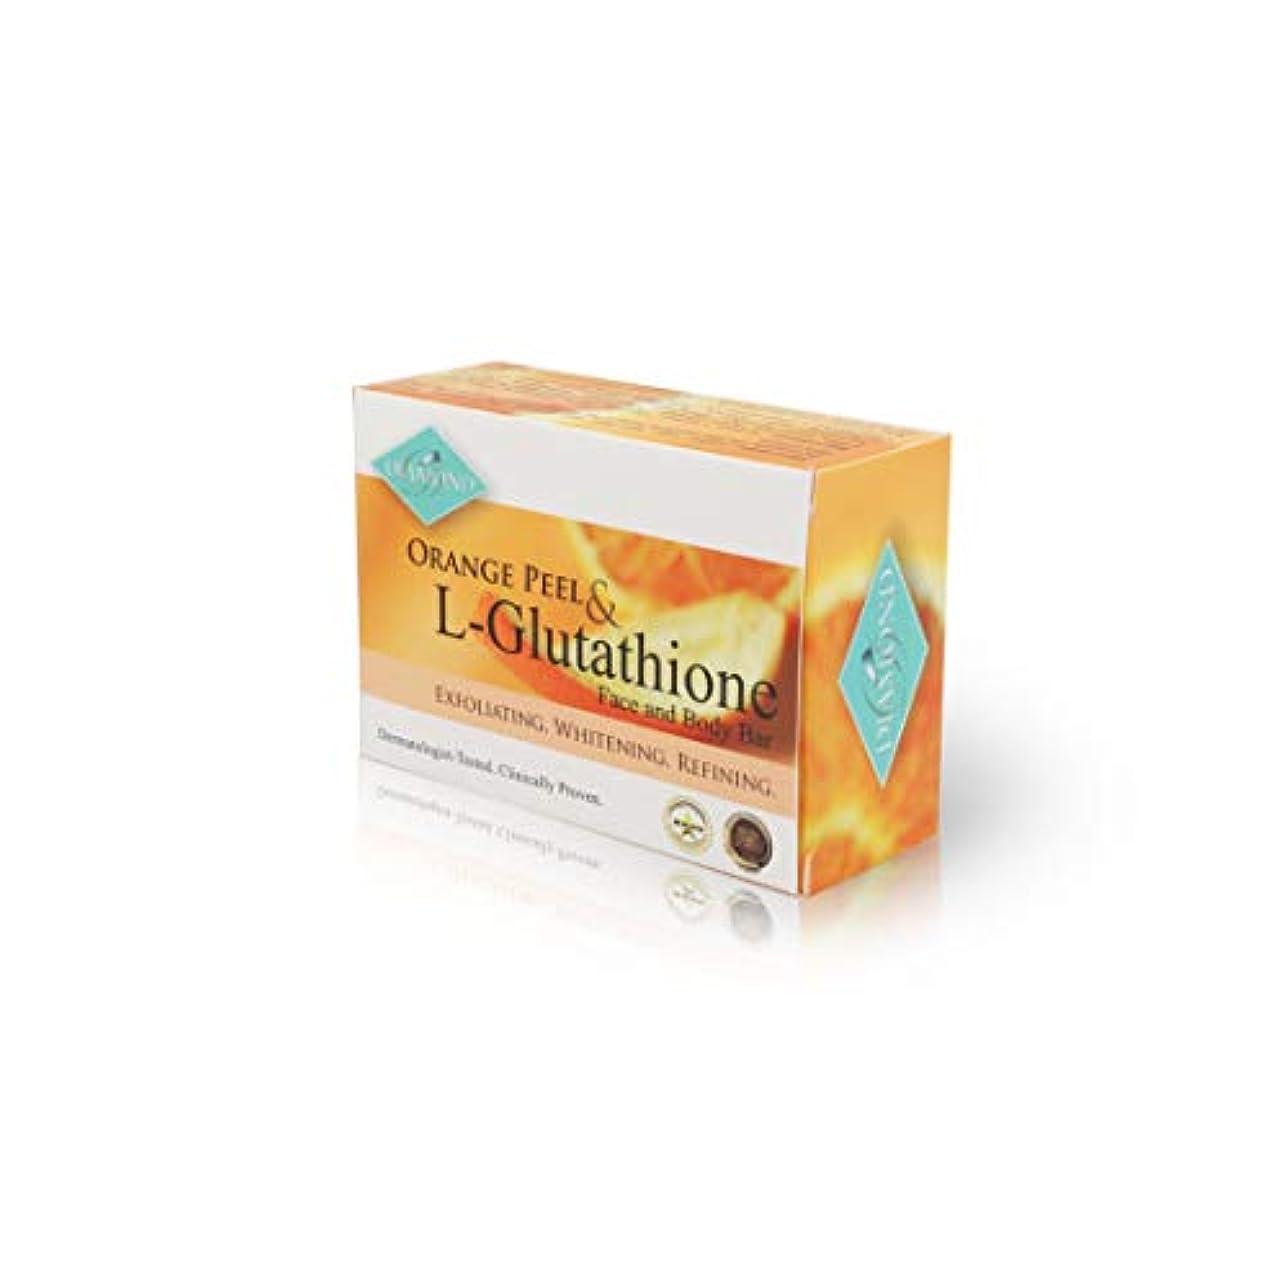 雑品サイレン前任者DIAMOND ORANGE PEEL&Glutathione soap/オレンジピール&グルタチオン配合ソープ(美容石けん) 150g 正規輸入品